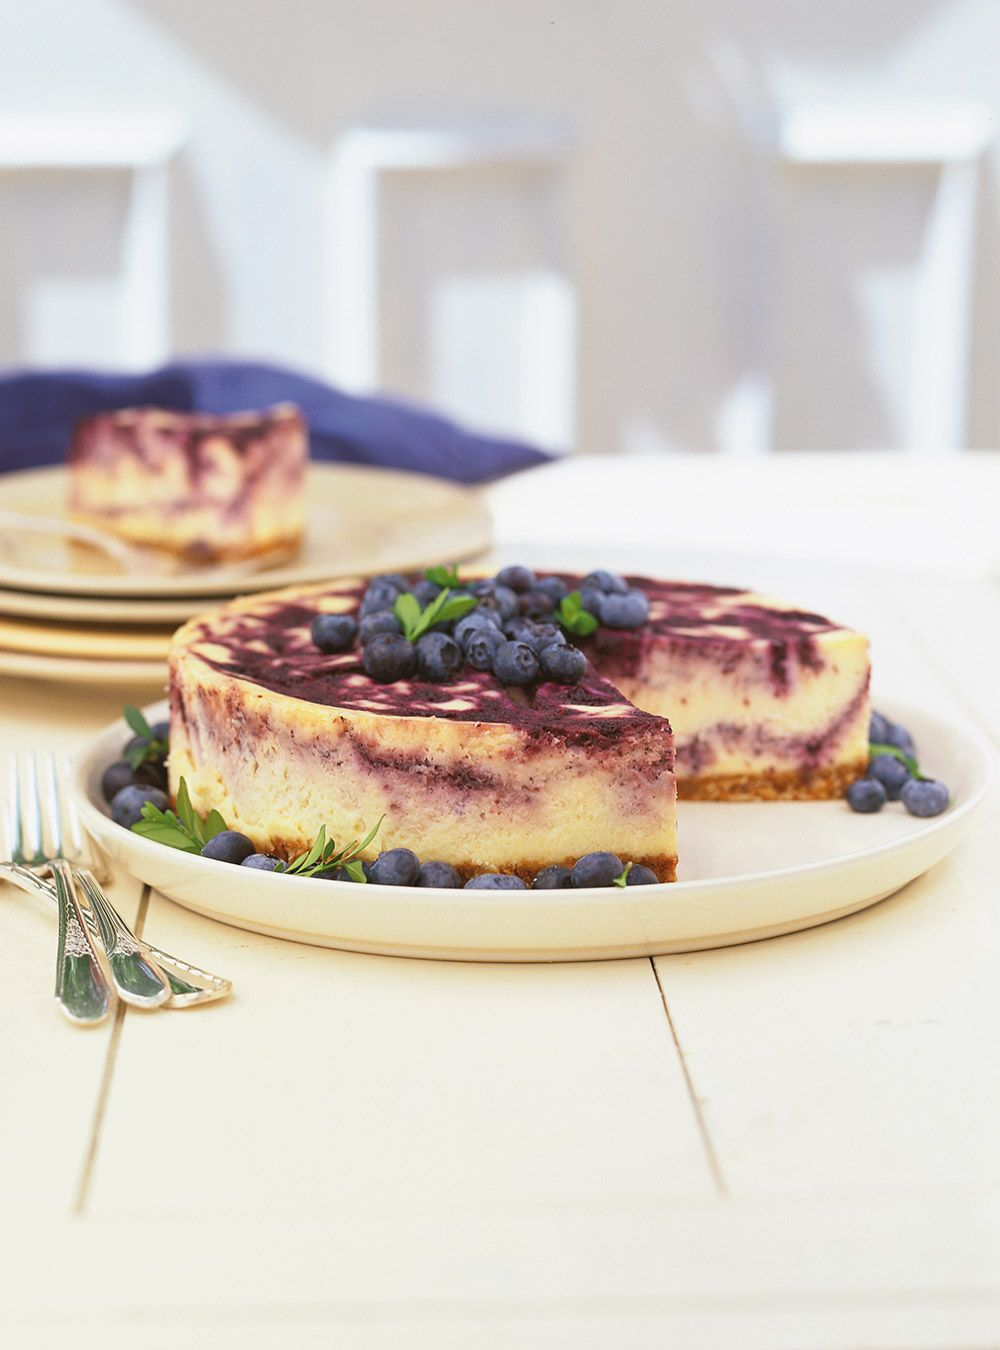 Recette de Ricardo de gâteau au fromage marbré aux bleuets.  Ce gâteau au fromage et aux bleuets particulièrement crémeux plaira à n'importe quel amateur de dessert au fromage.